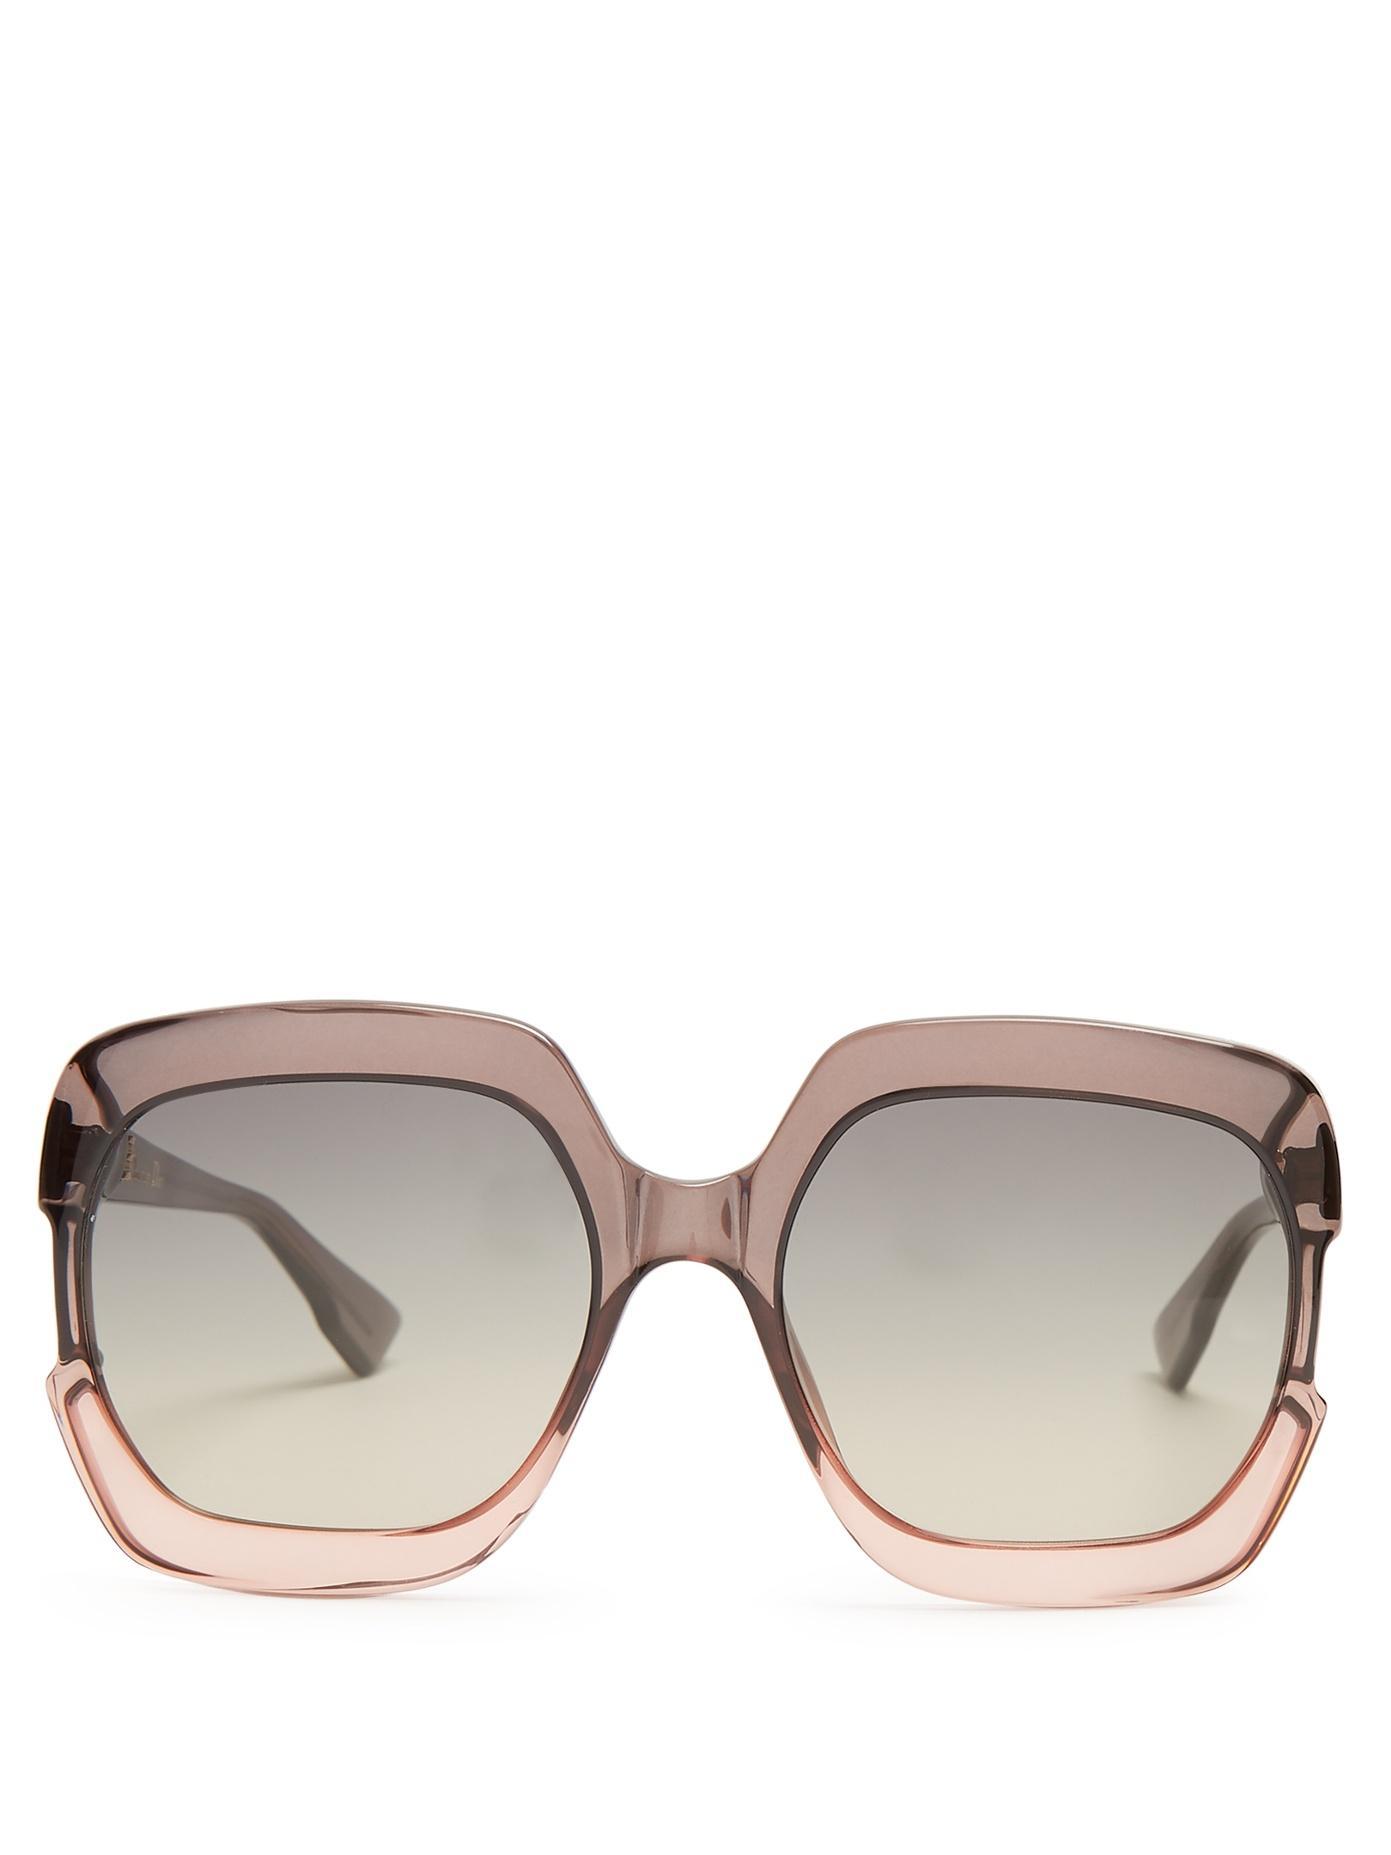 14f5073c51a Dior Gaia Square-Frame Acetate Sunglasses In Grey Multi